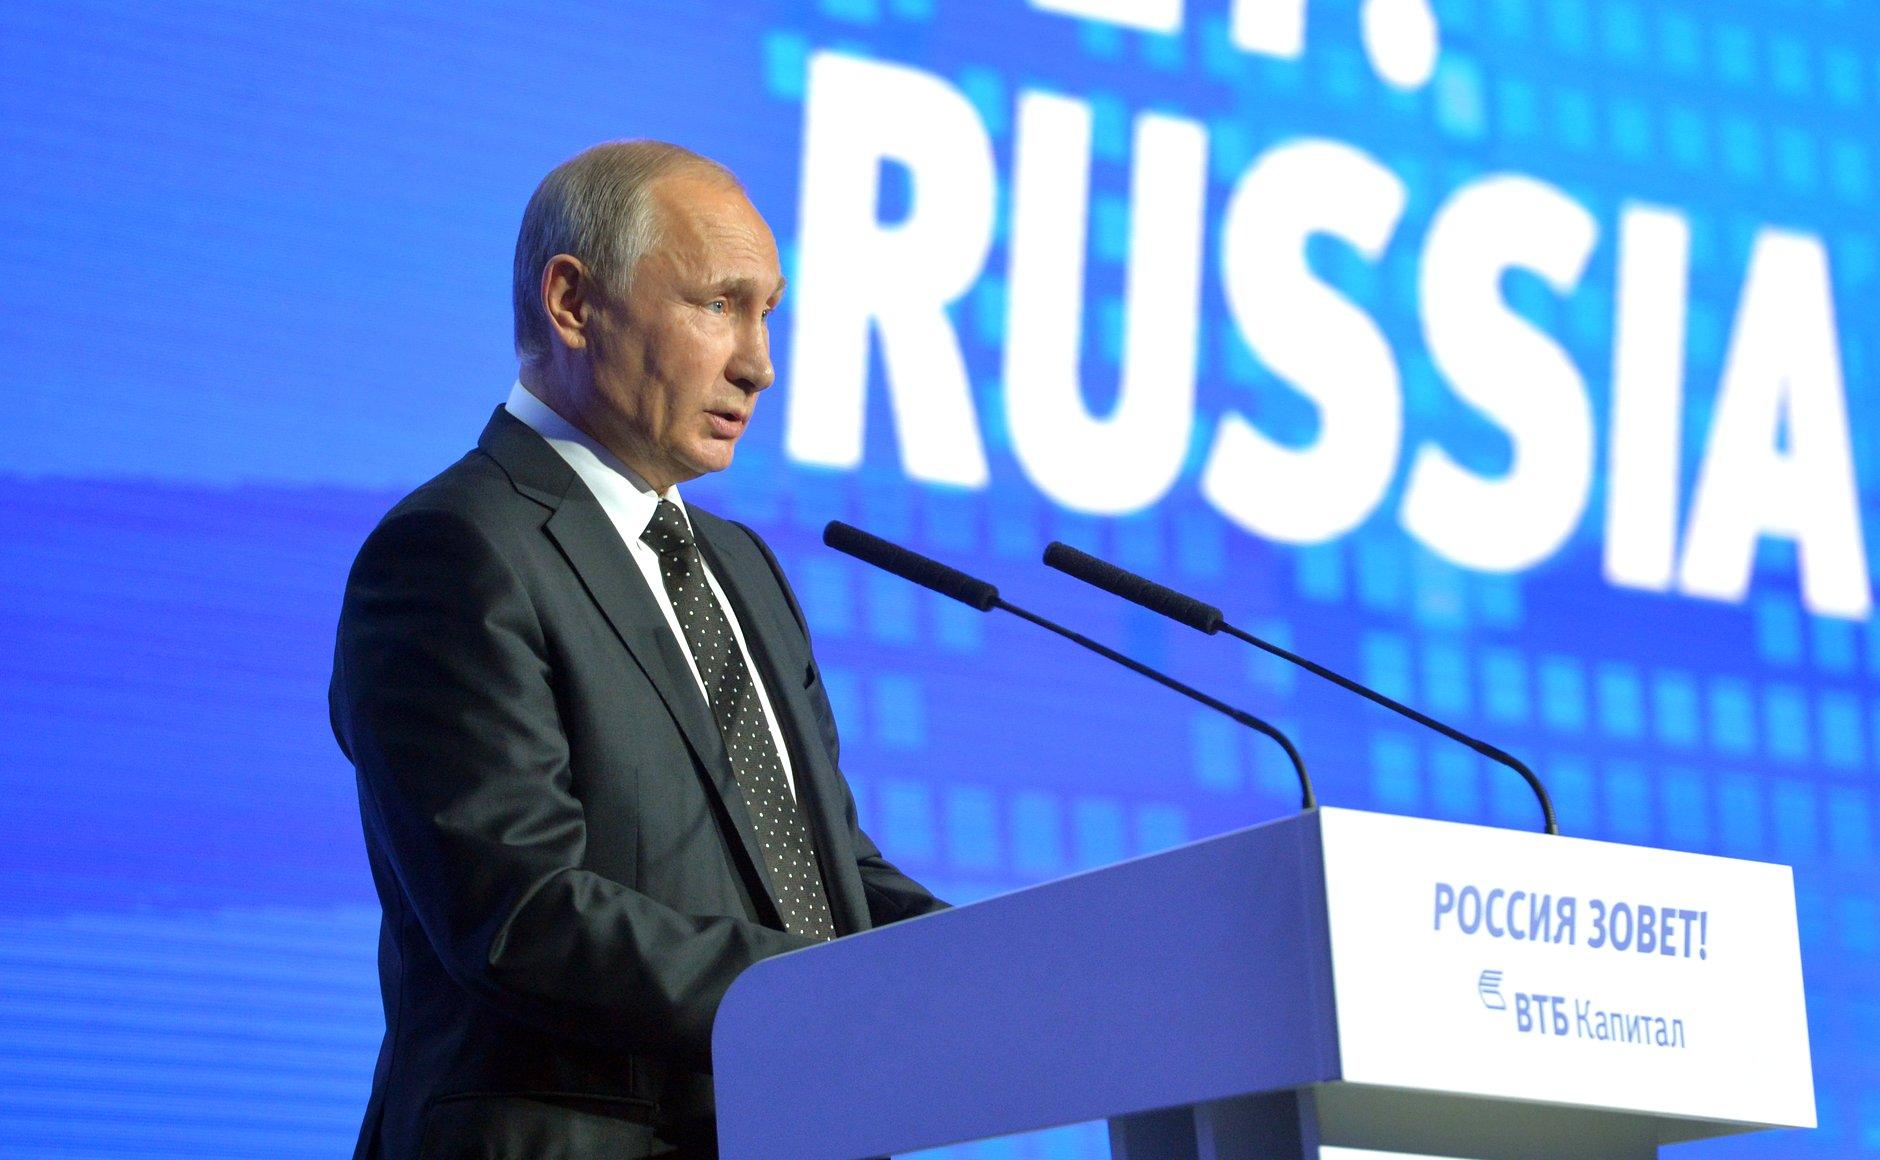 """""""Serangan tersebut dilakukan oleh salah satu kelompok teroris dan kita tahu itu. Katakanlah AS juga mengetahuinya, namun mereka memilih untuk menuduh Rusia. Hal ini sungguh tak membantu,"""" tutur Putin dalam Forum Ekonomi di Moskow, Rusia."""